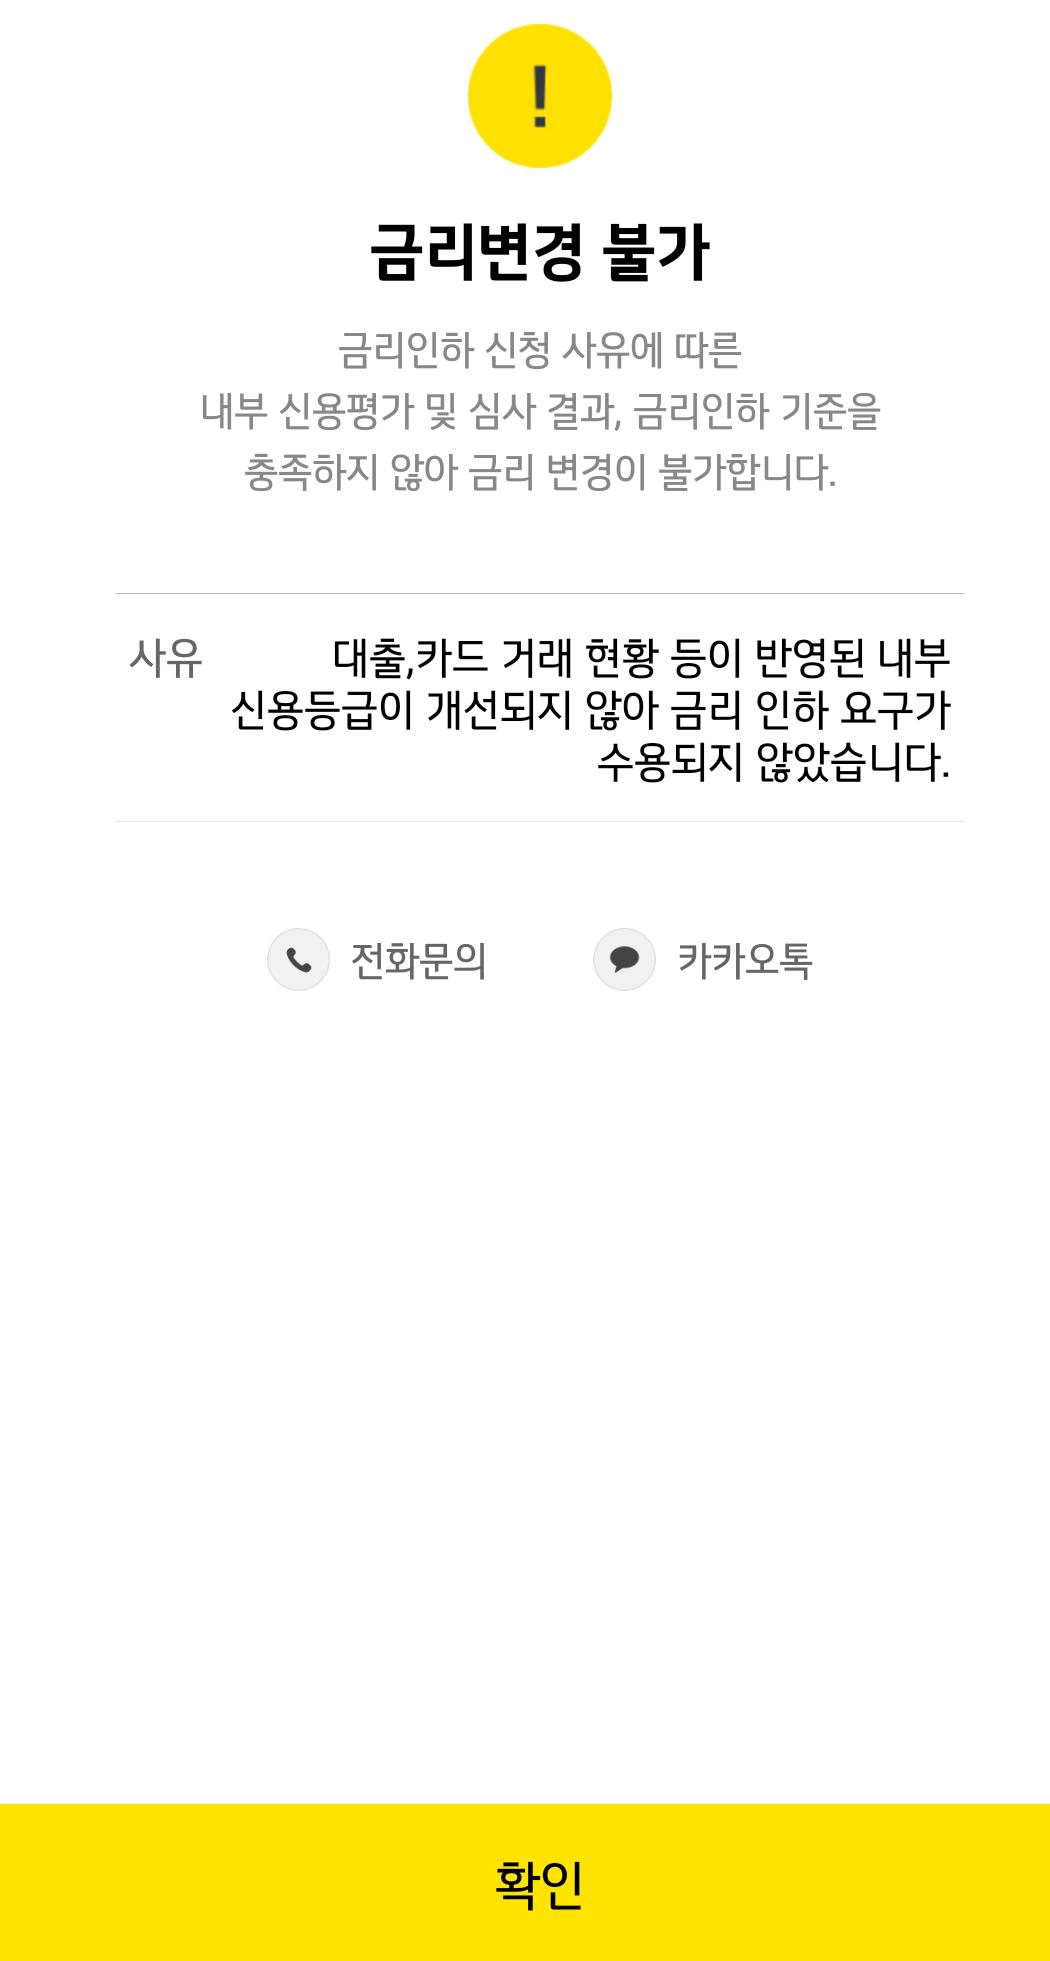 [금리인하요구권] 카카오뱅크 금리인하요구권 신청 결과